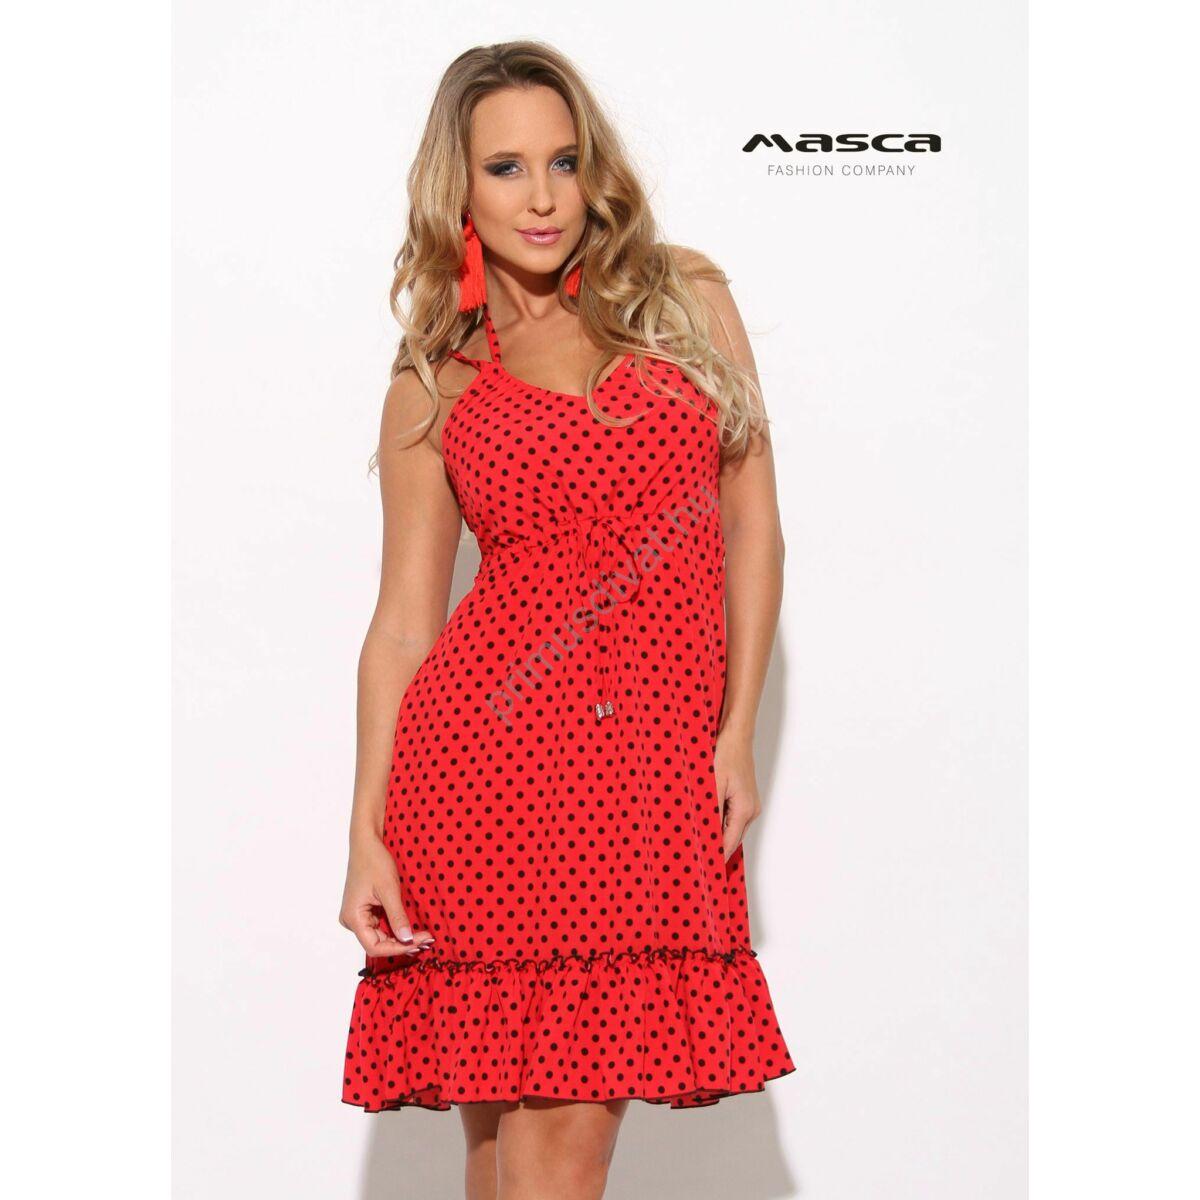 03169d17d8 Kép 1/1 - Masca Fashion dupla spagettipántos, fodros aljú A-vonalú fekete  pöttyös piros lenge zsebes ruha, vékony szövött anyagból